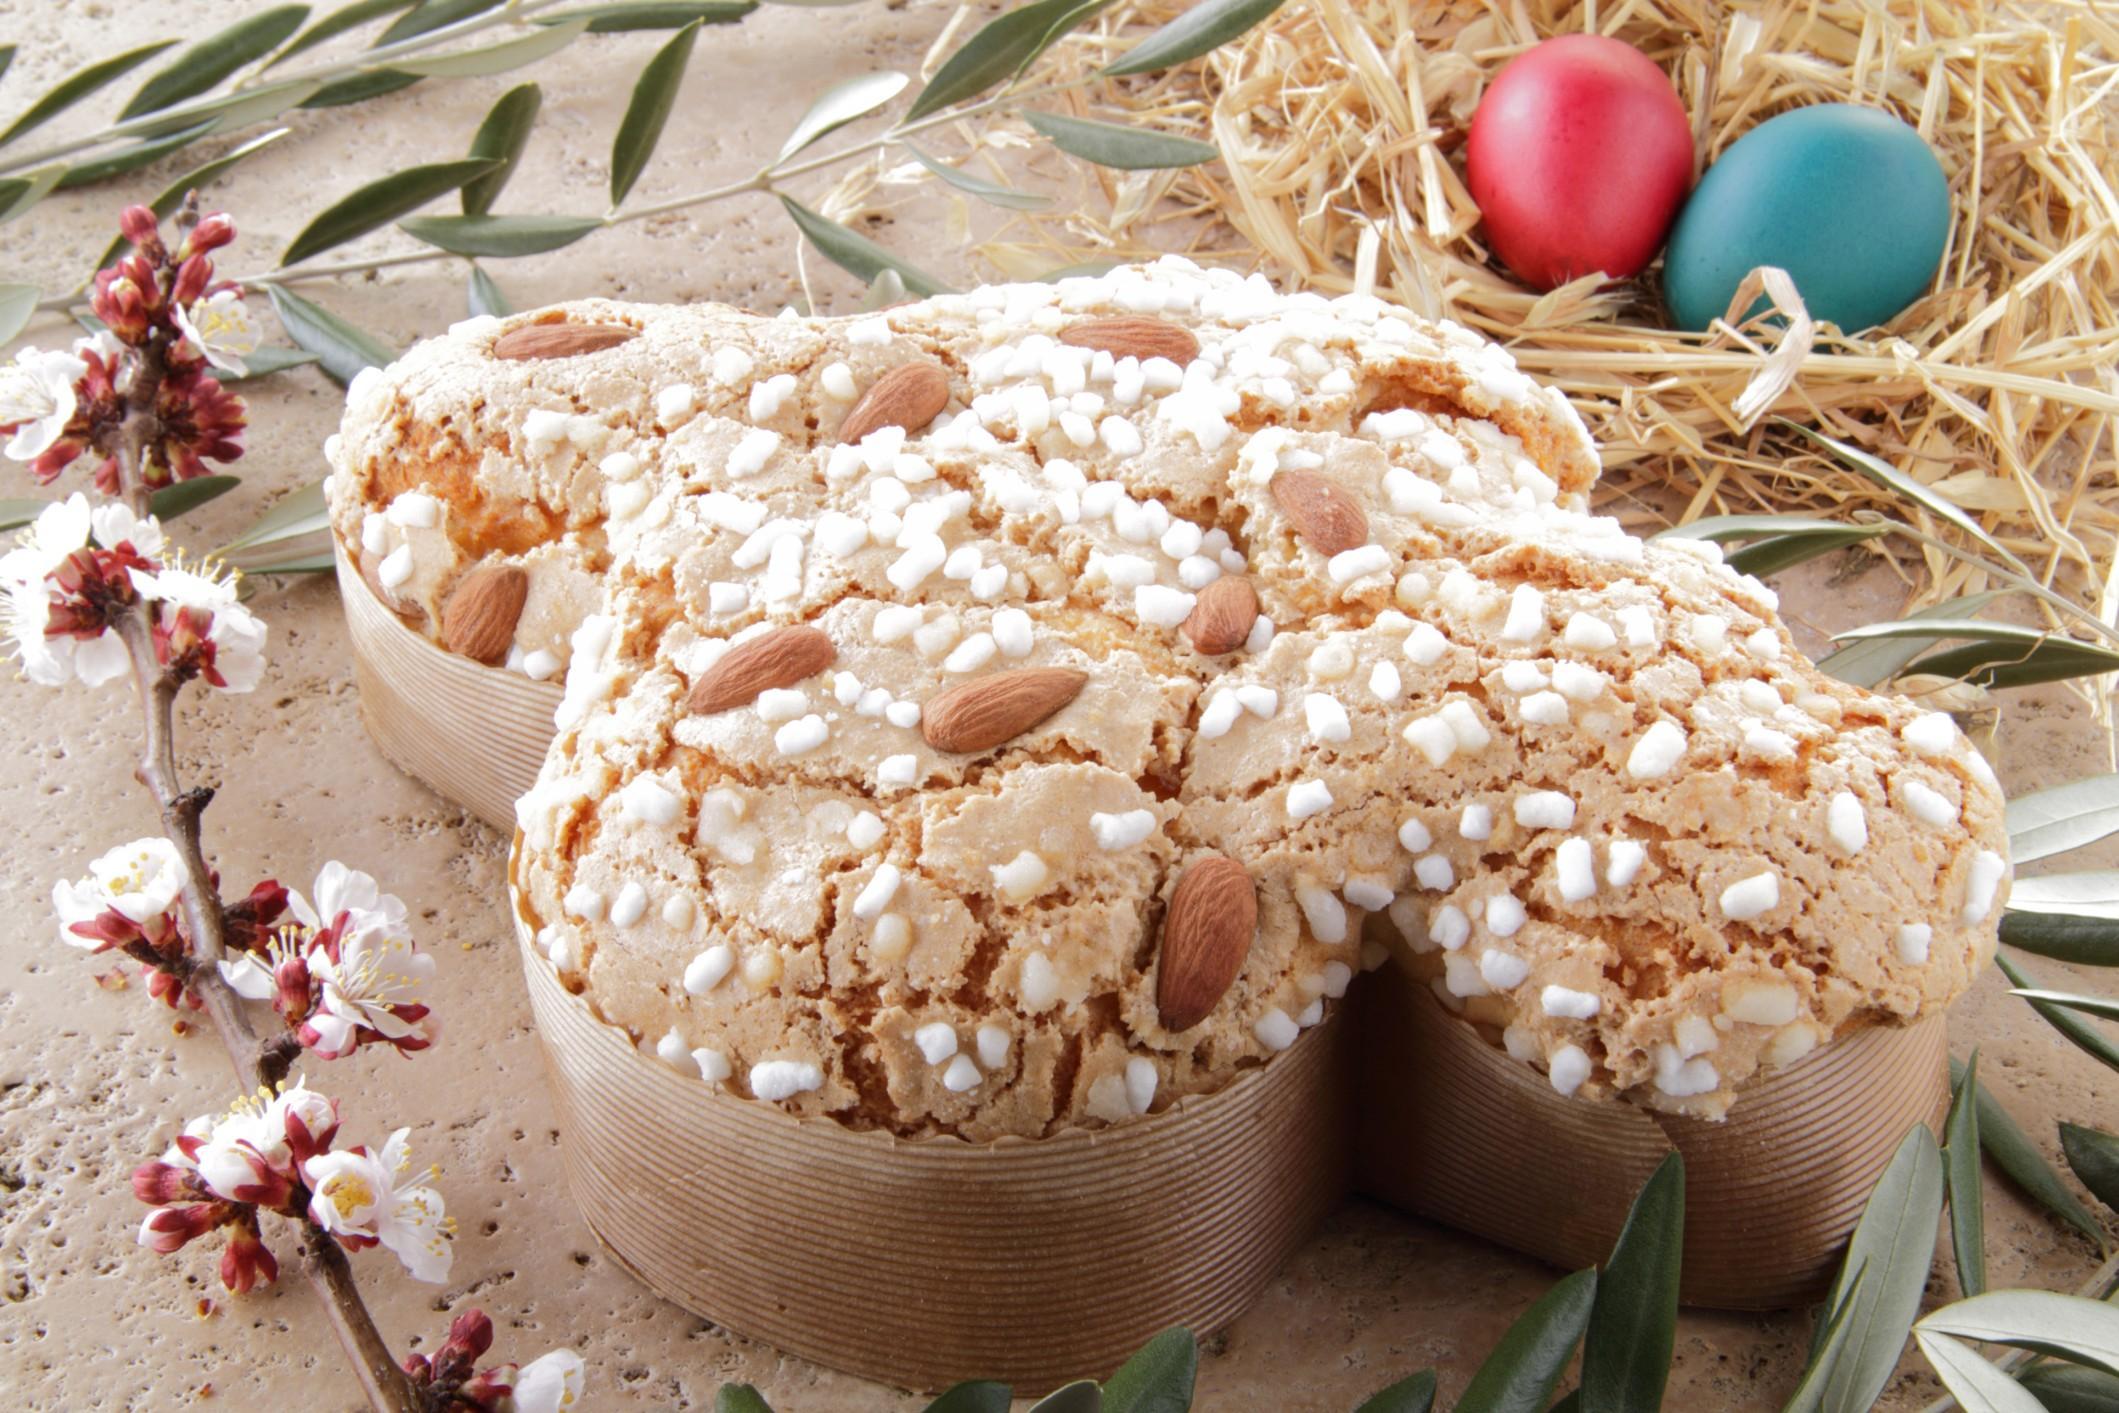 dolci pasquali al forno-20 ricette - colomba pasquale